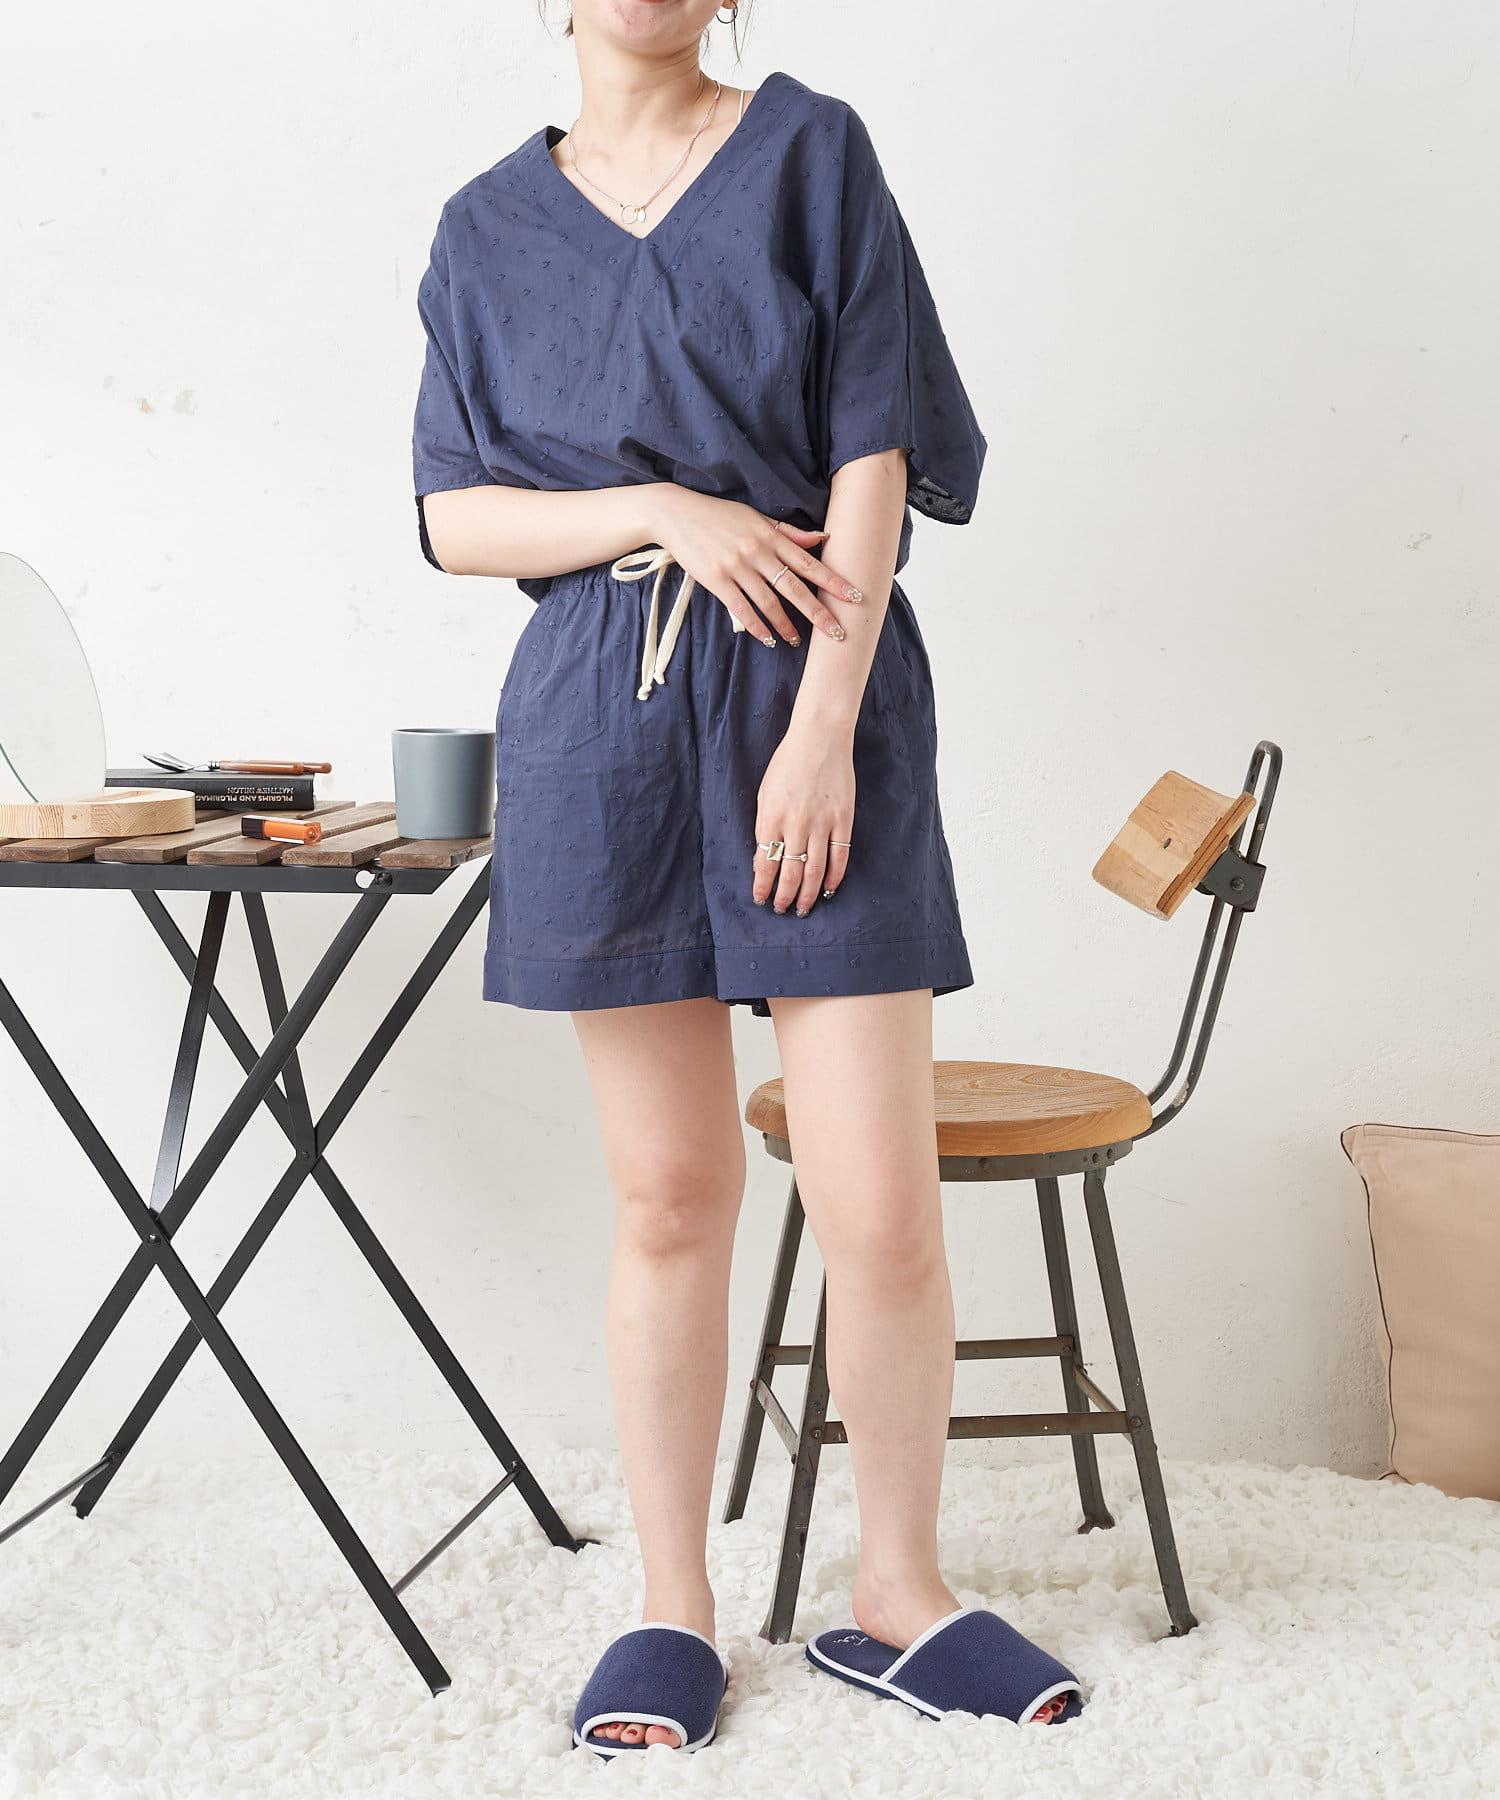 TERRITOIRE(テリトワール) 【コットン100%】ドット刺繍 ルームウェアセット